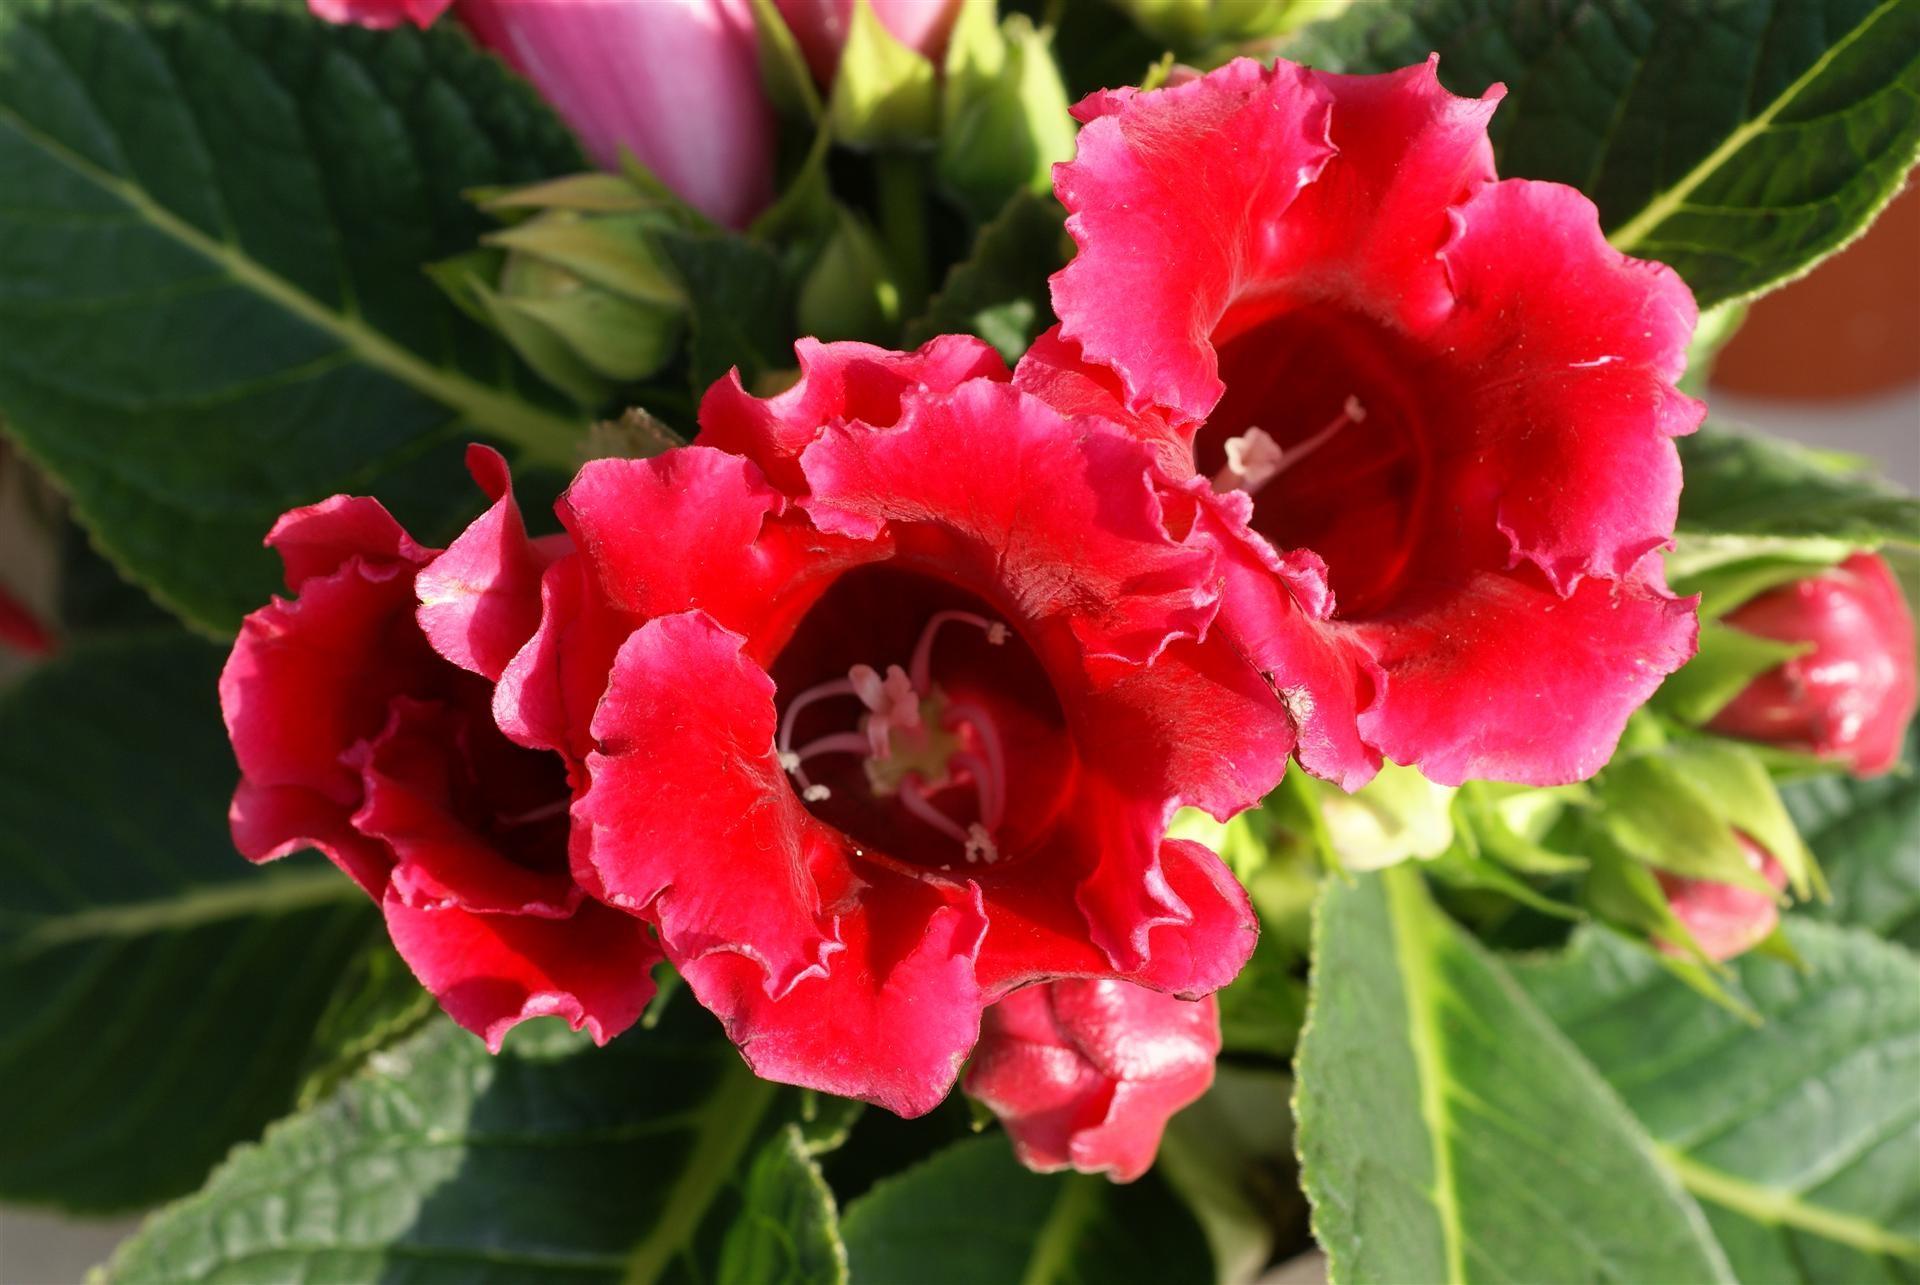 Яркий красный оттенок цветка